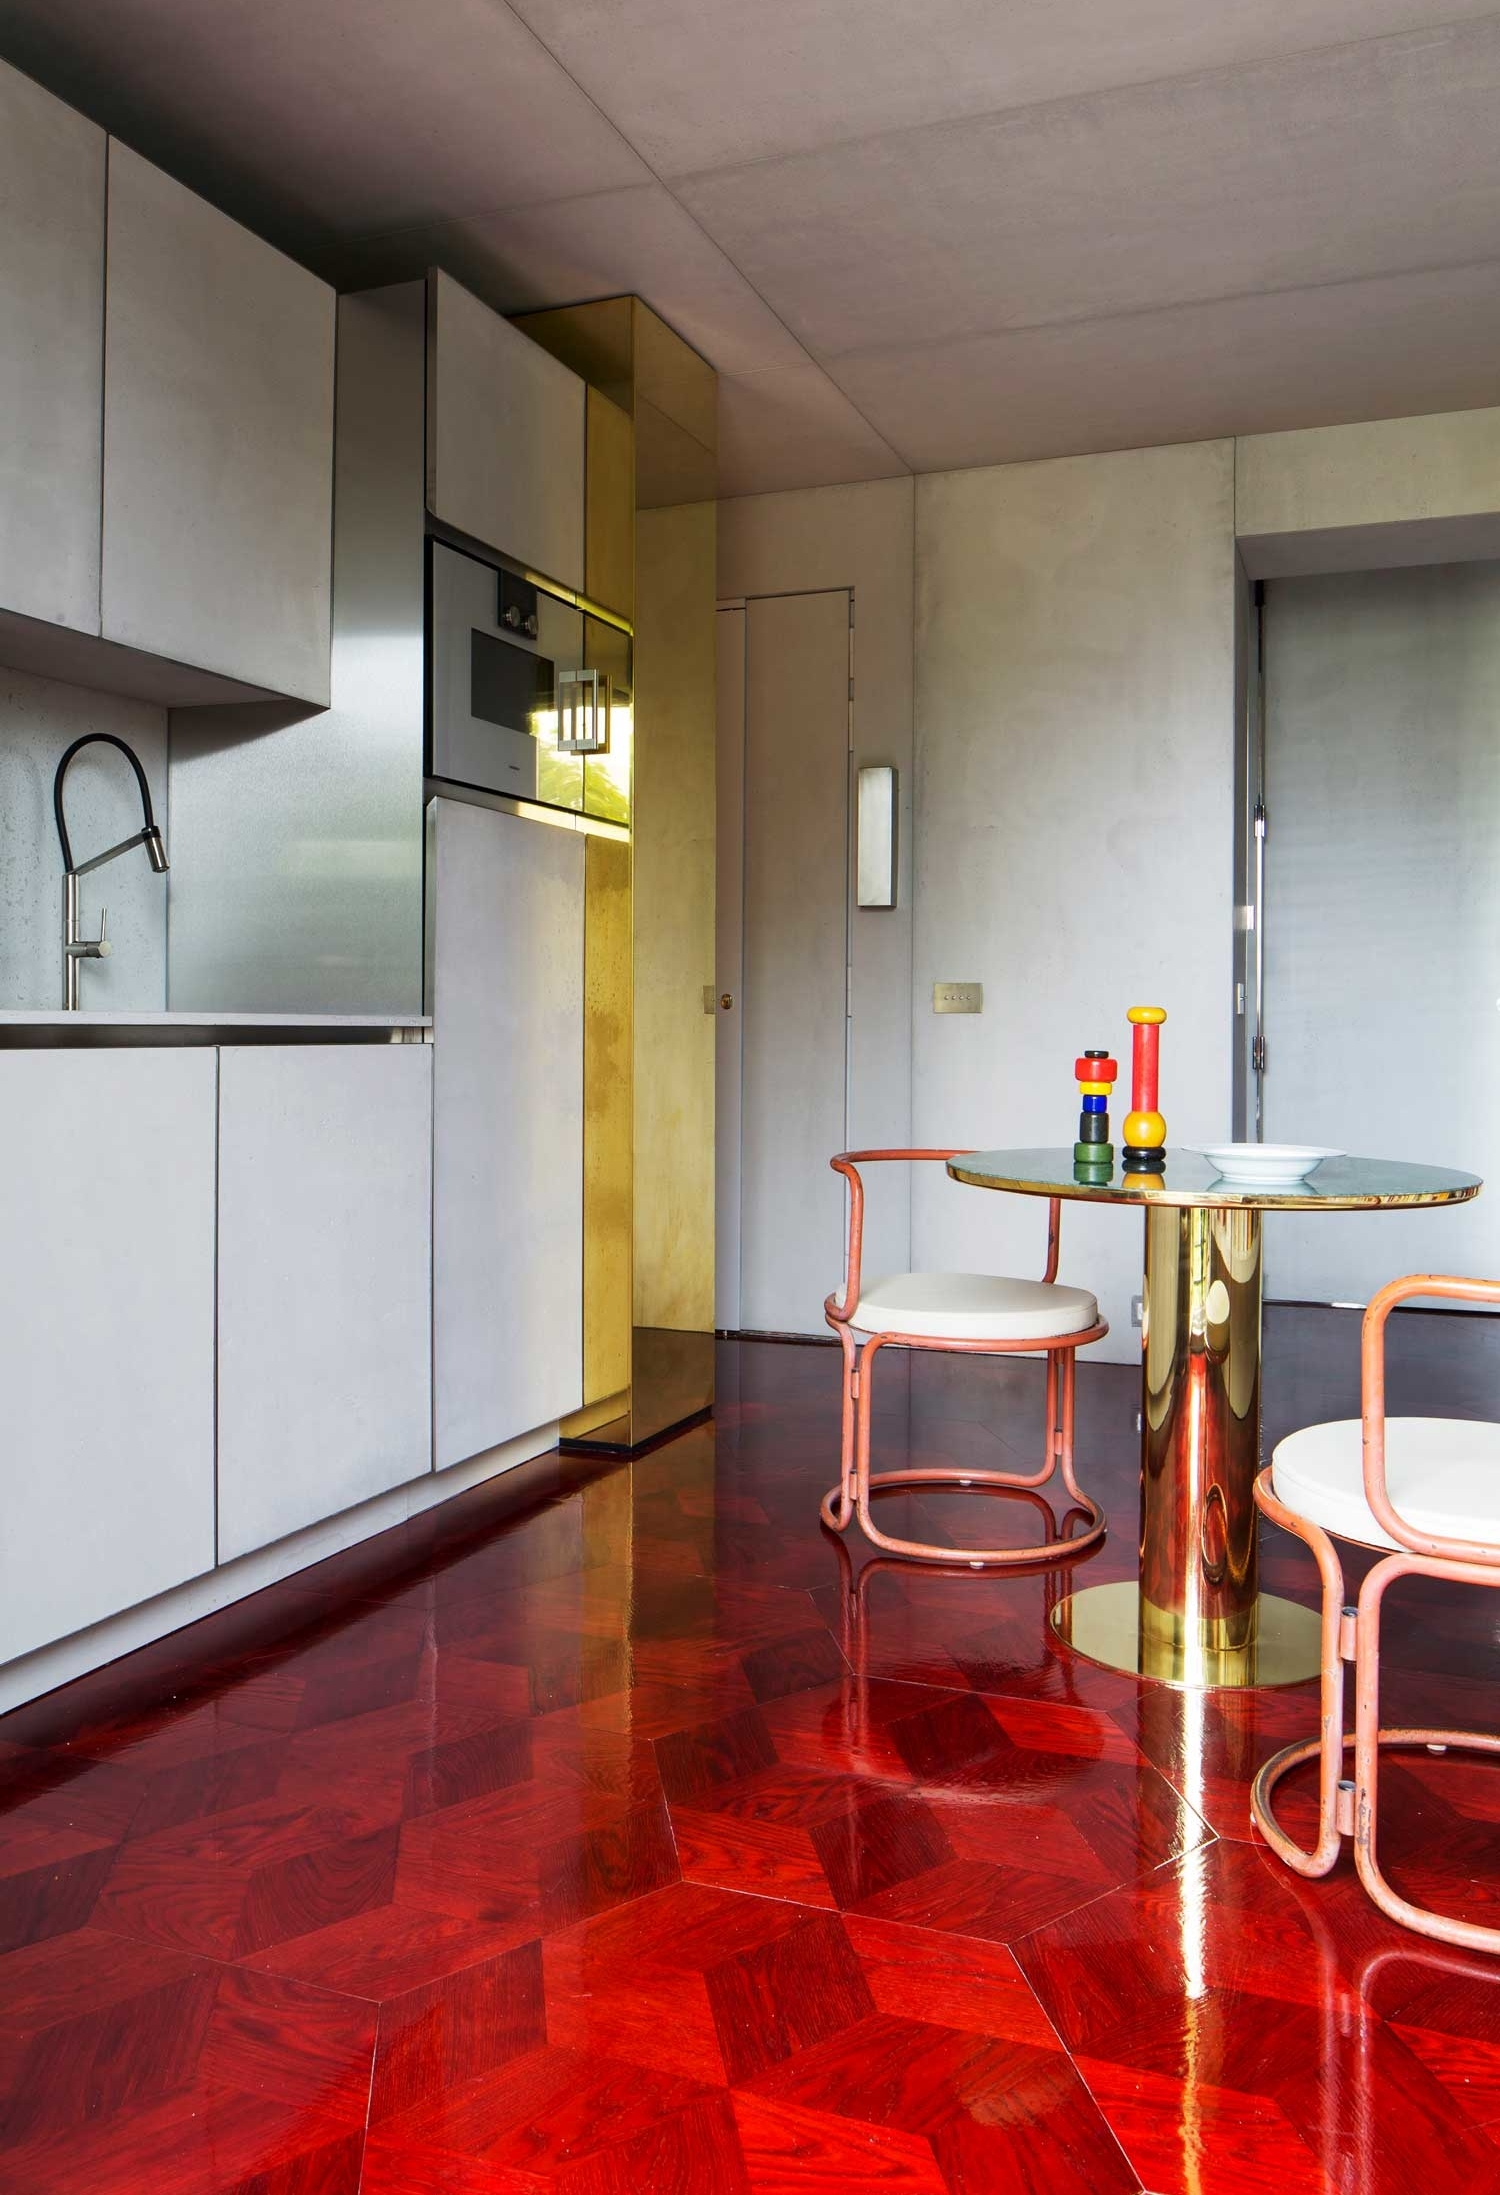 E que tal um piso que chama todas as atenções? Aqui, o piso de madeira ganha um acabamento esmaltado que dá mais destaque para o seu tom avermelhado